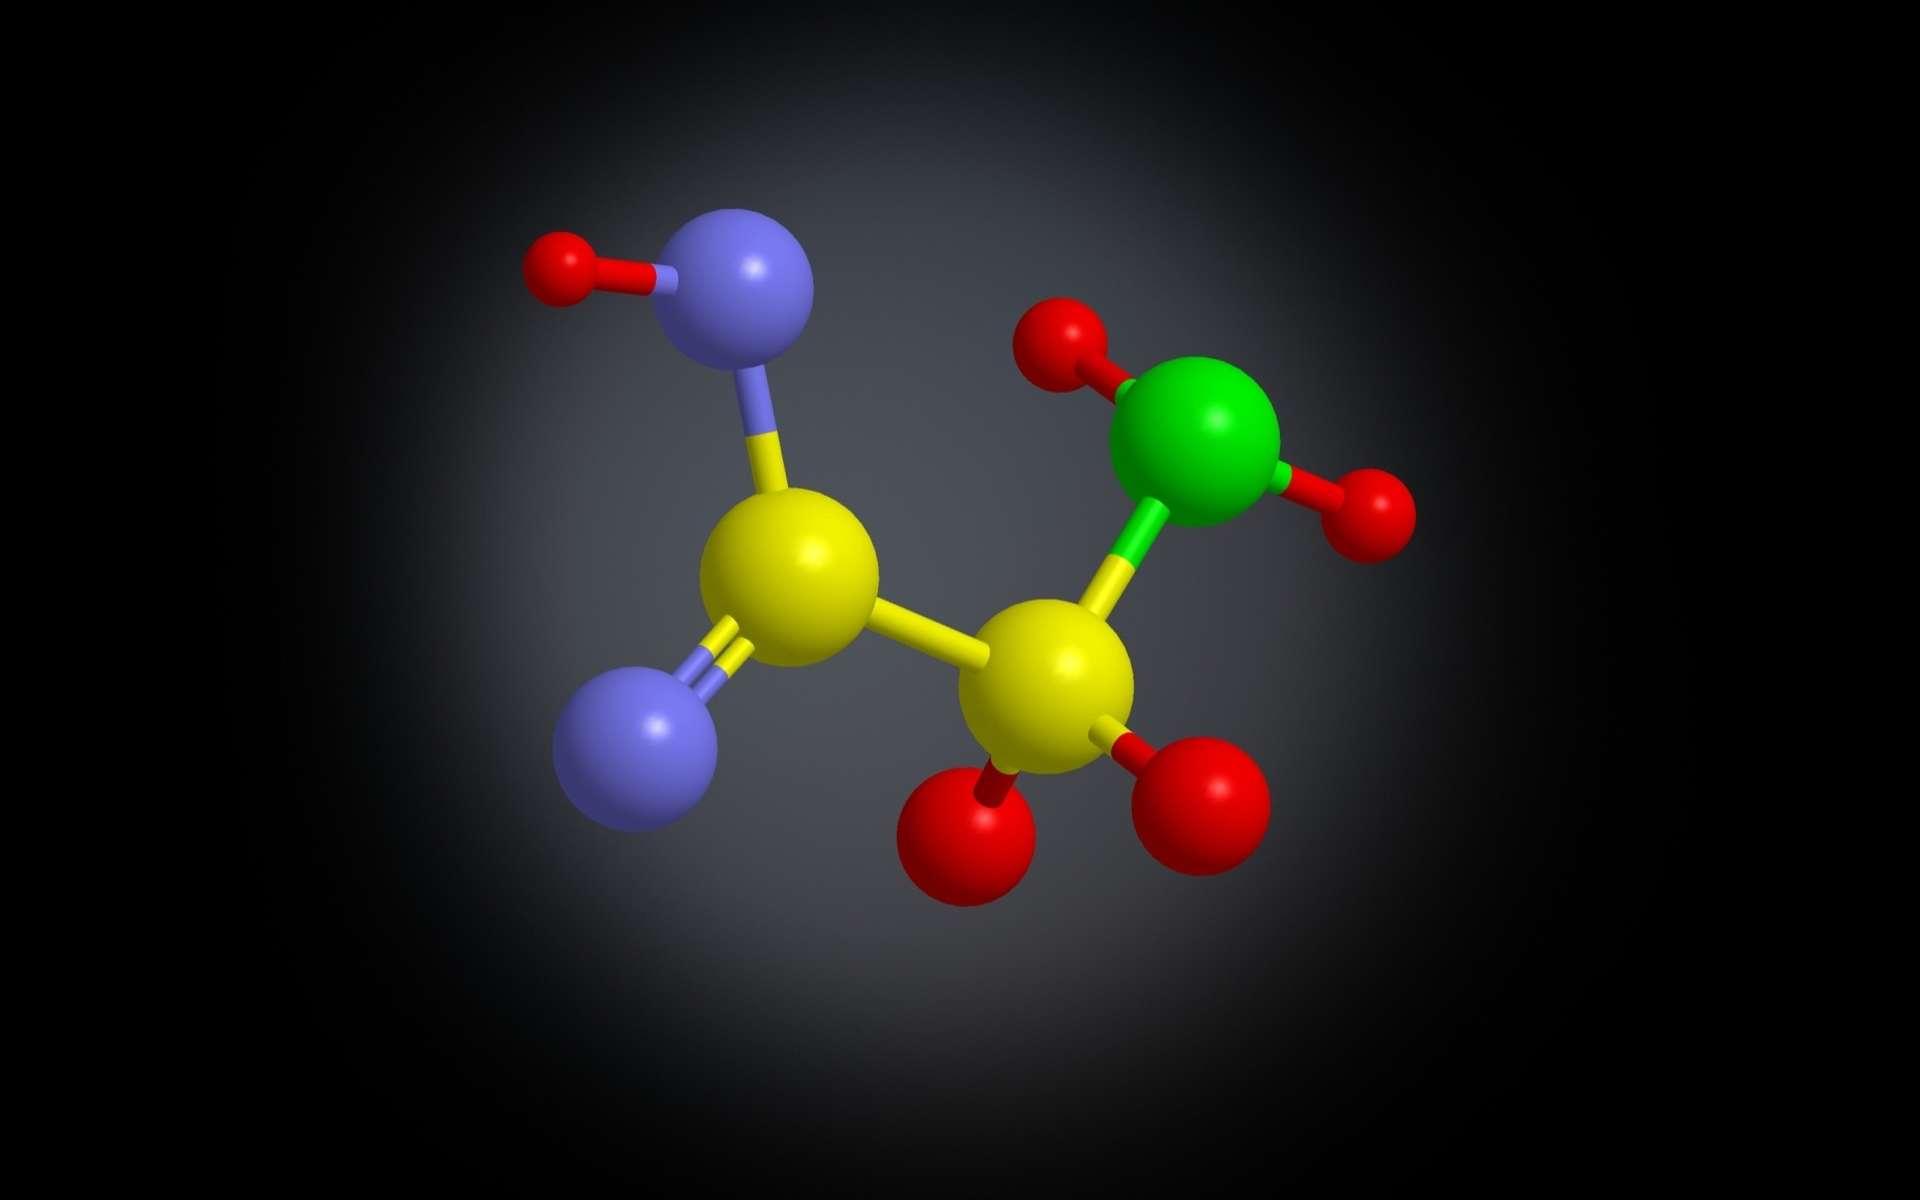 La glycine est un acide aminé non essentiel et un neurotransmetteur. © Raimund14, Adobe Stock